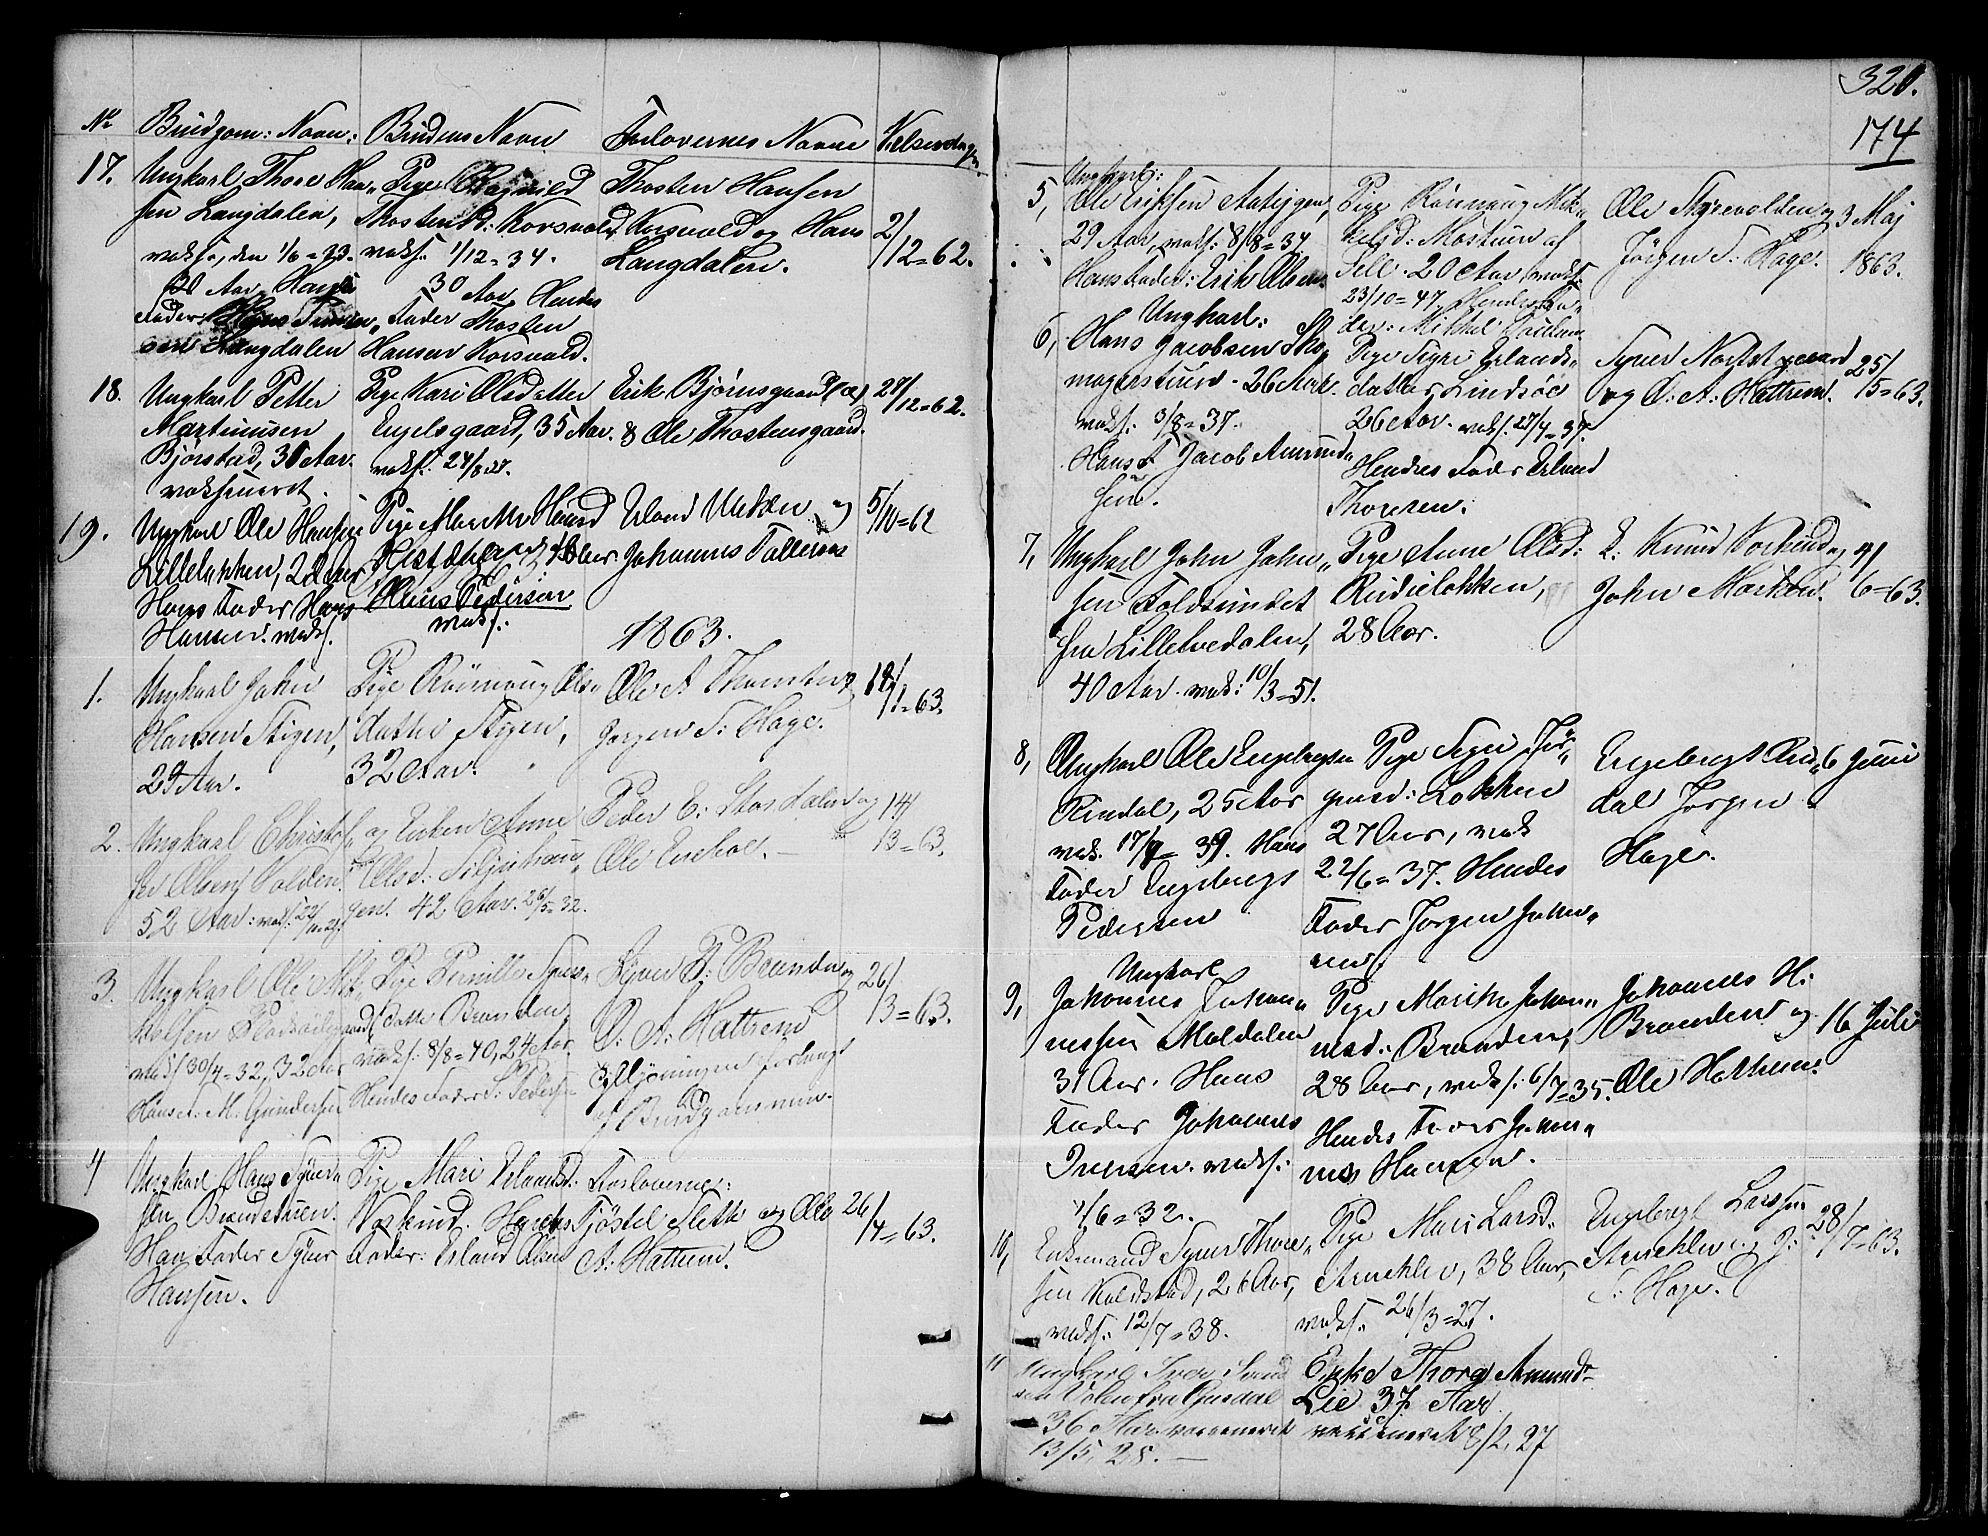 SAH, Dovre prestekontor, Klokkerbok nr. 1, 1862-1880, s. 320